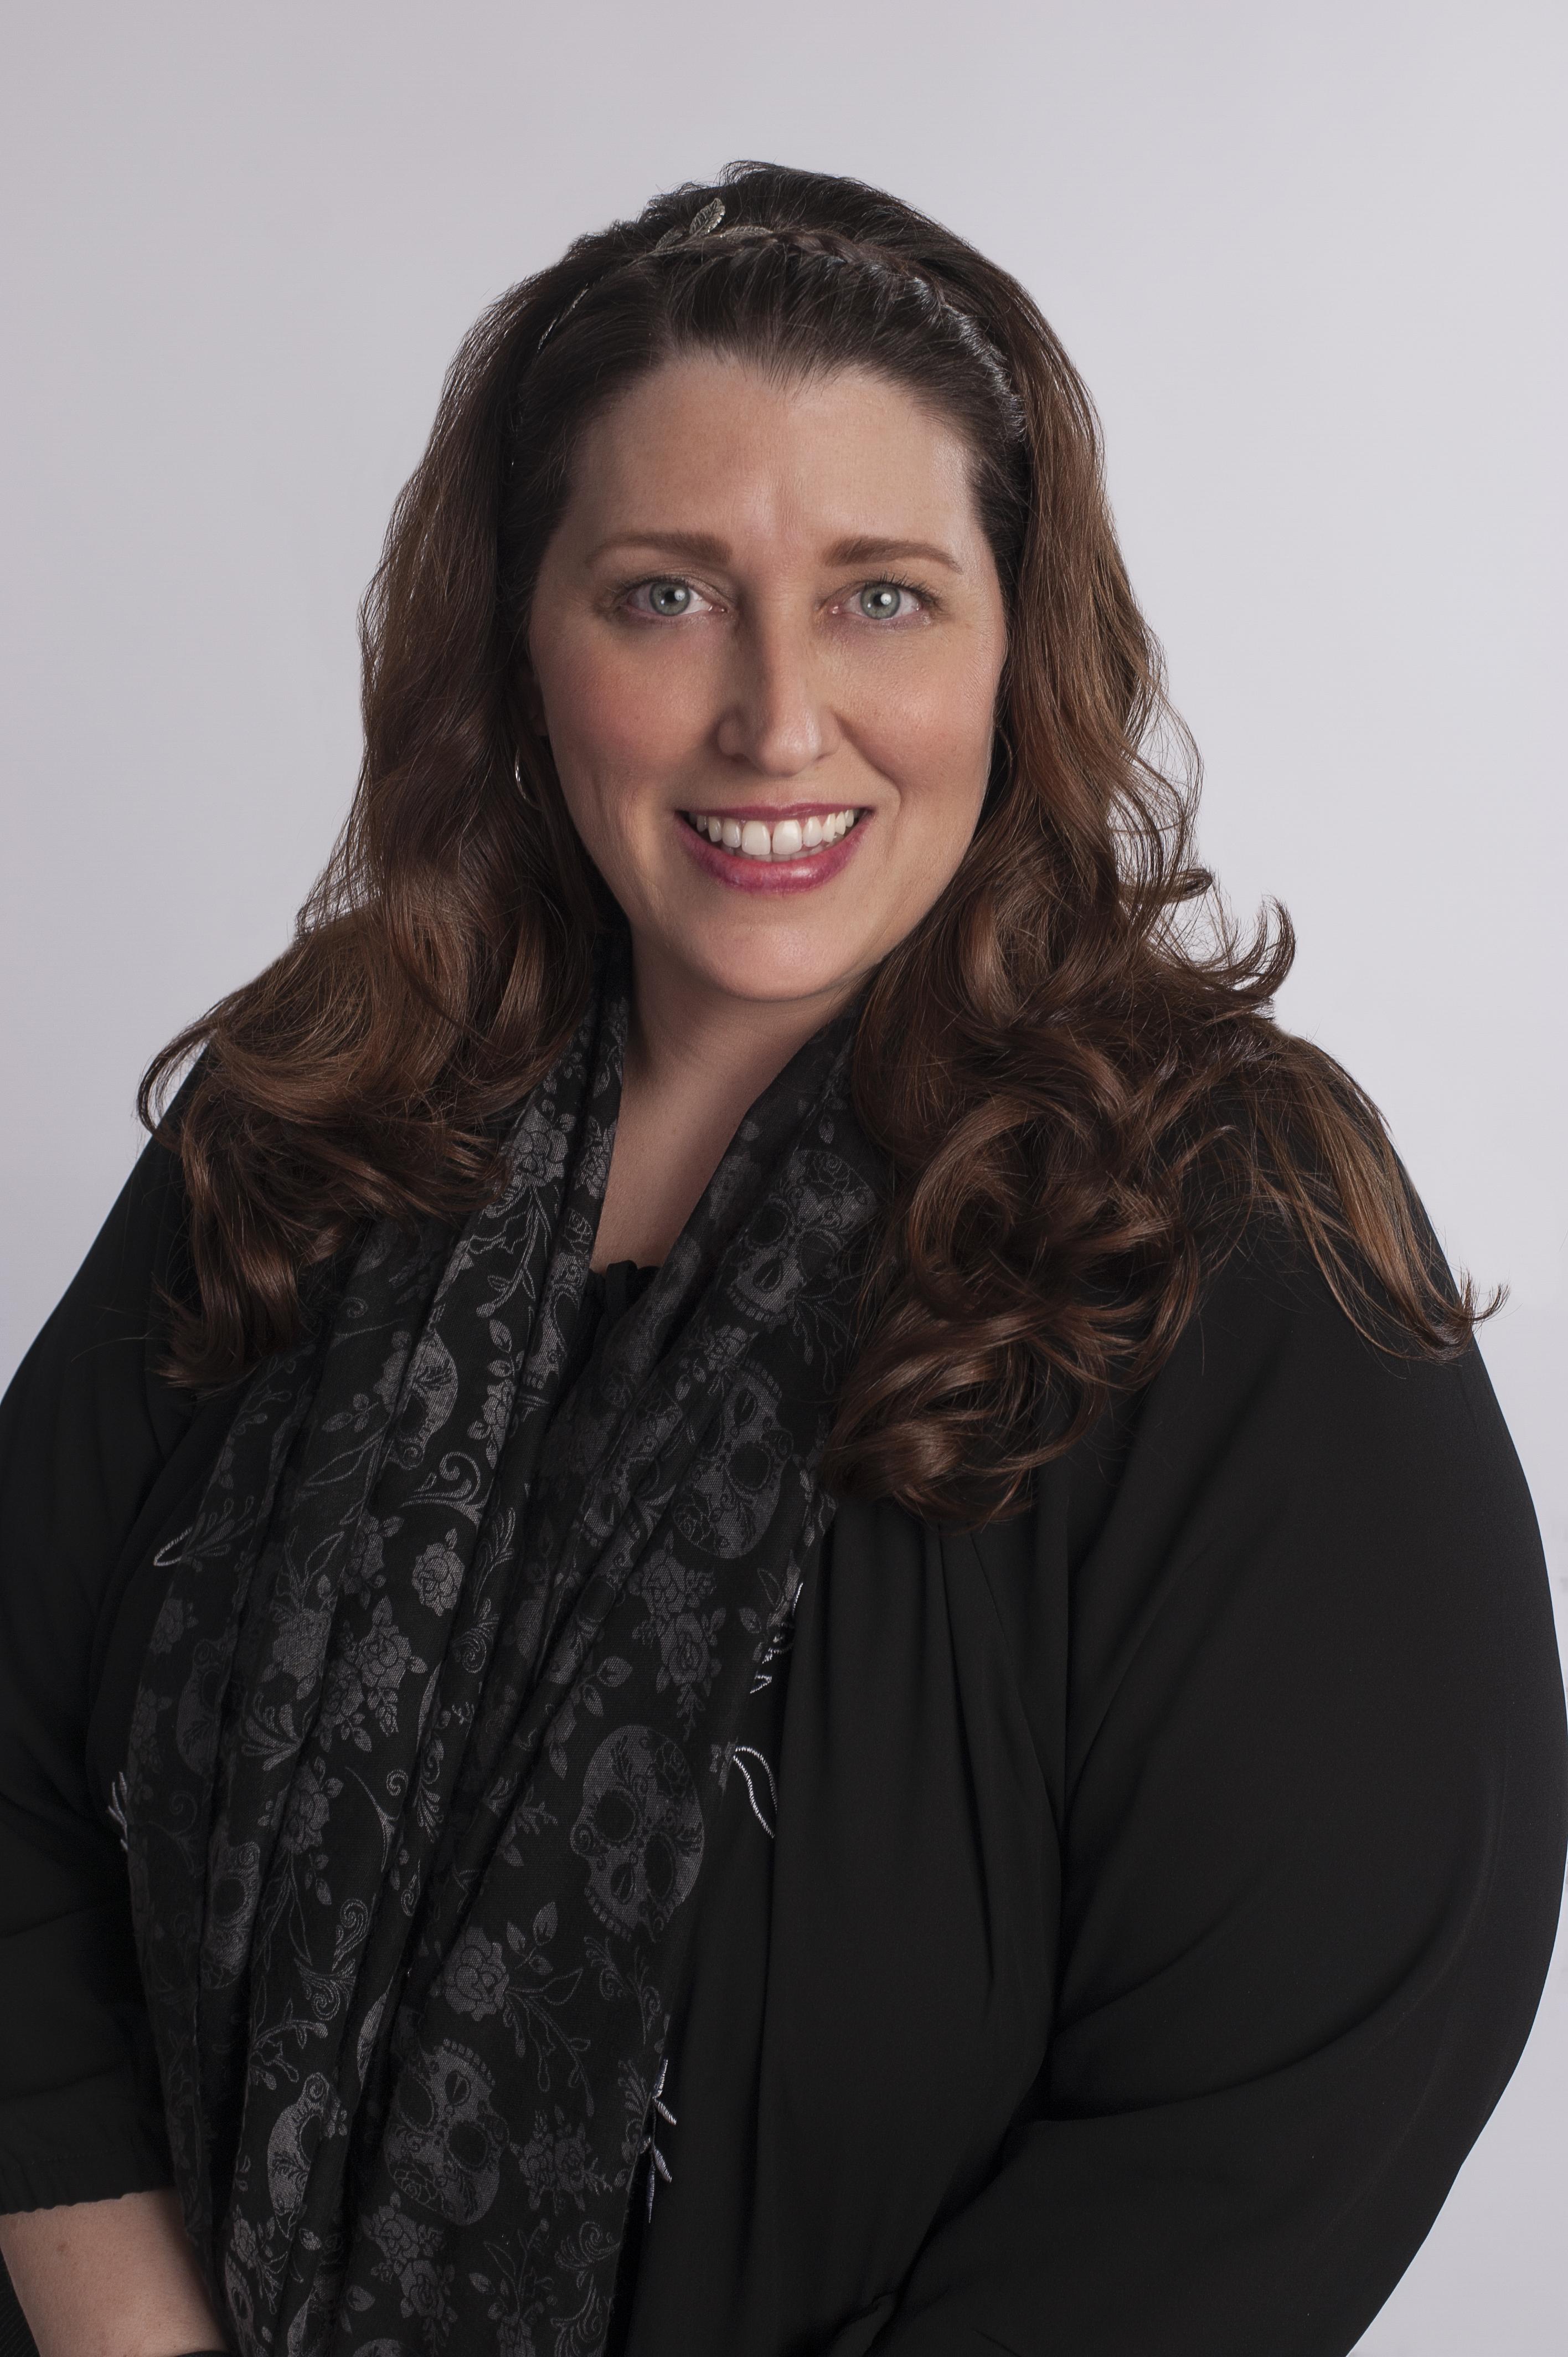 Kimberly Hatton